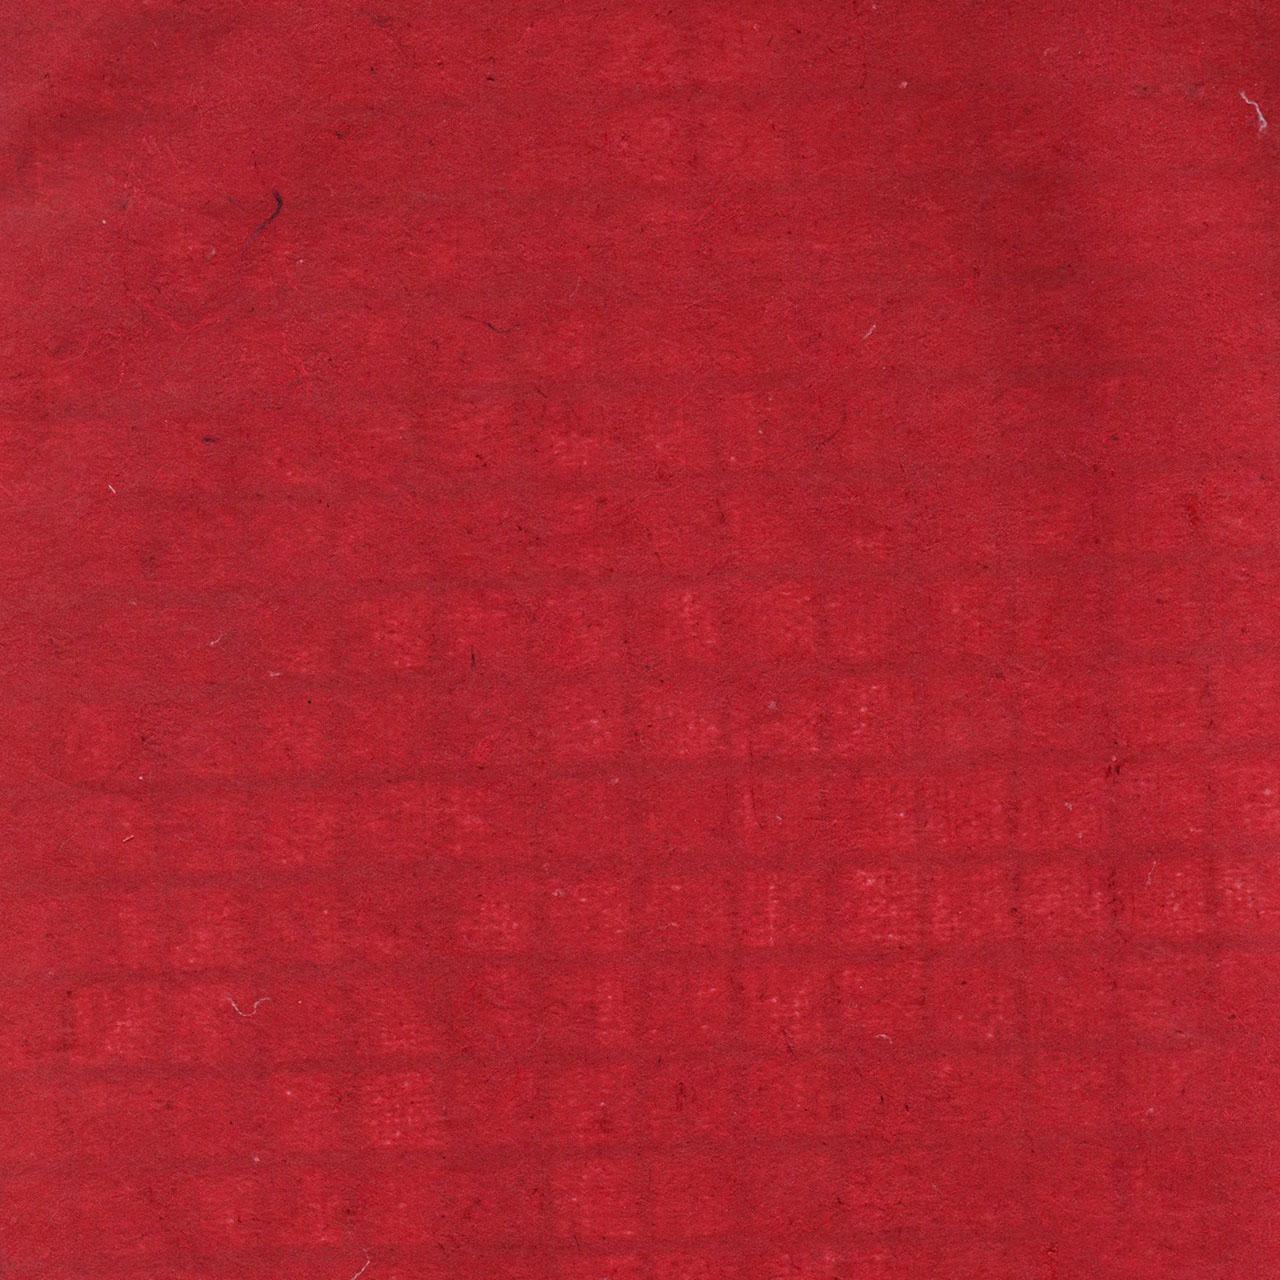 کاغذ دستساز مدل اسکوئر بسته 2 عددی